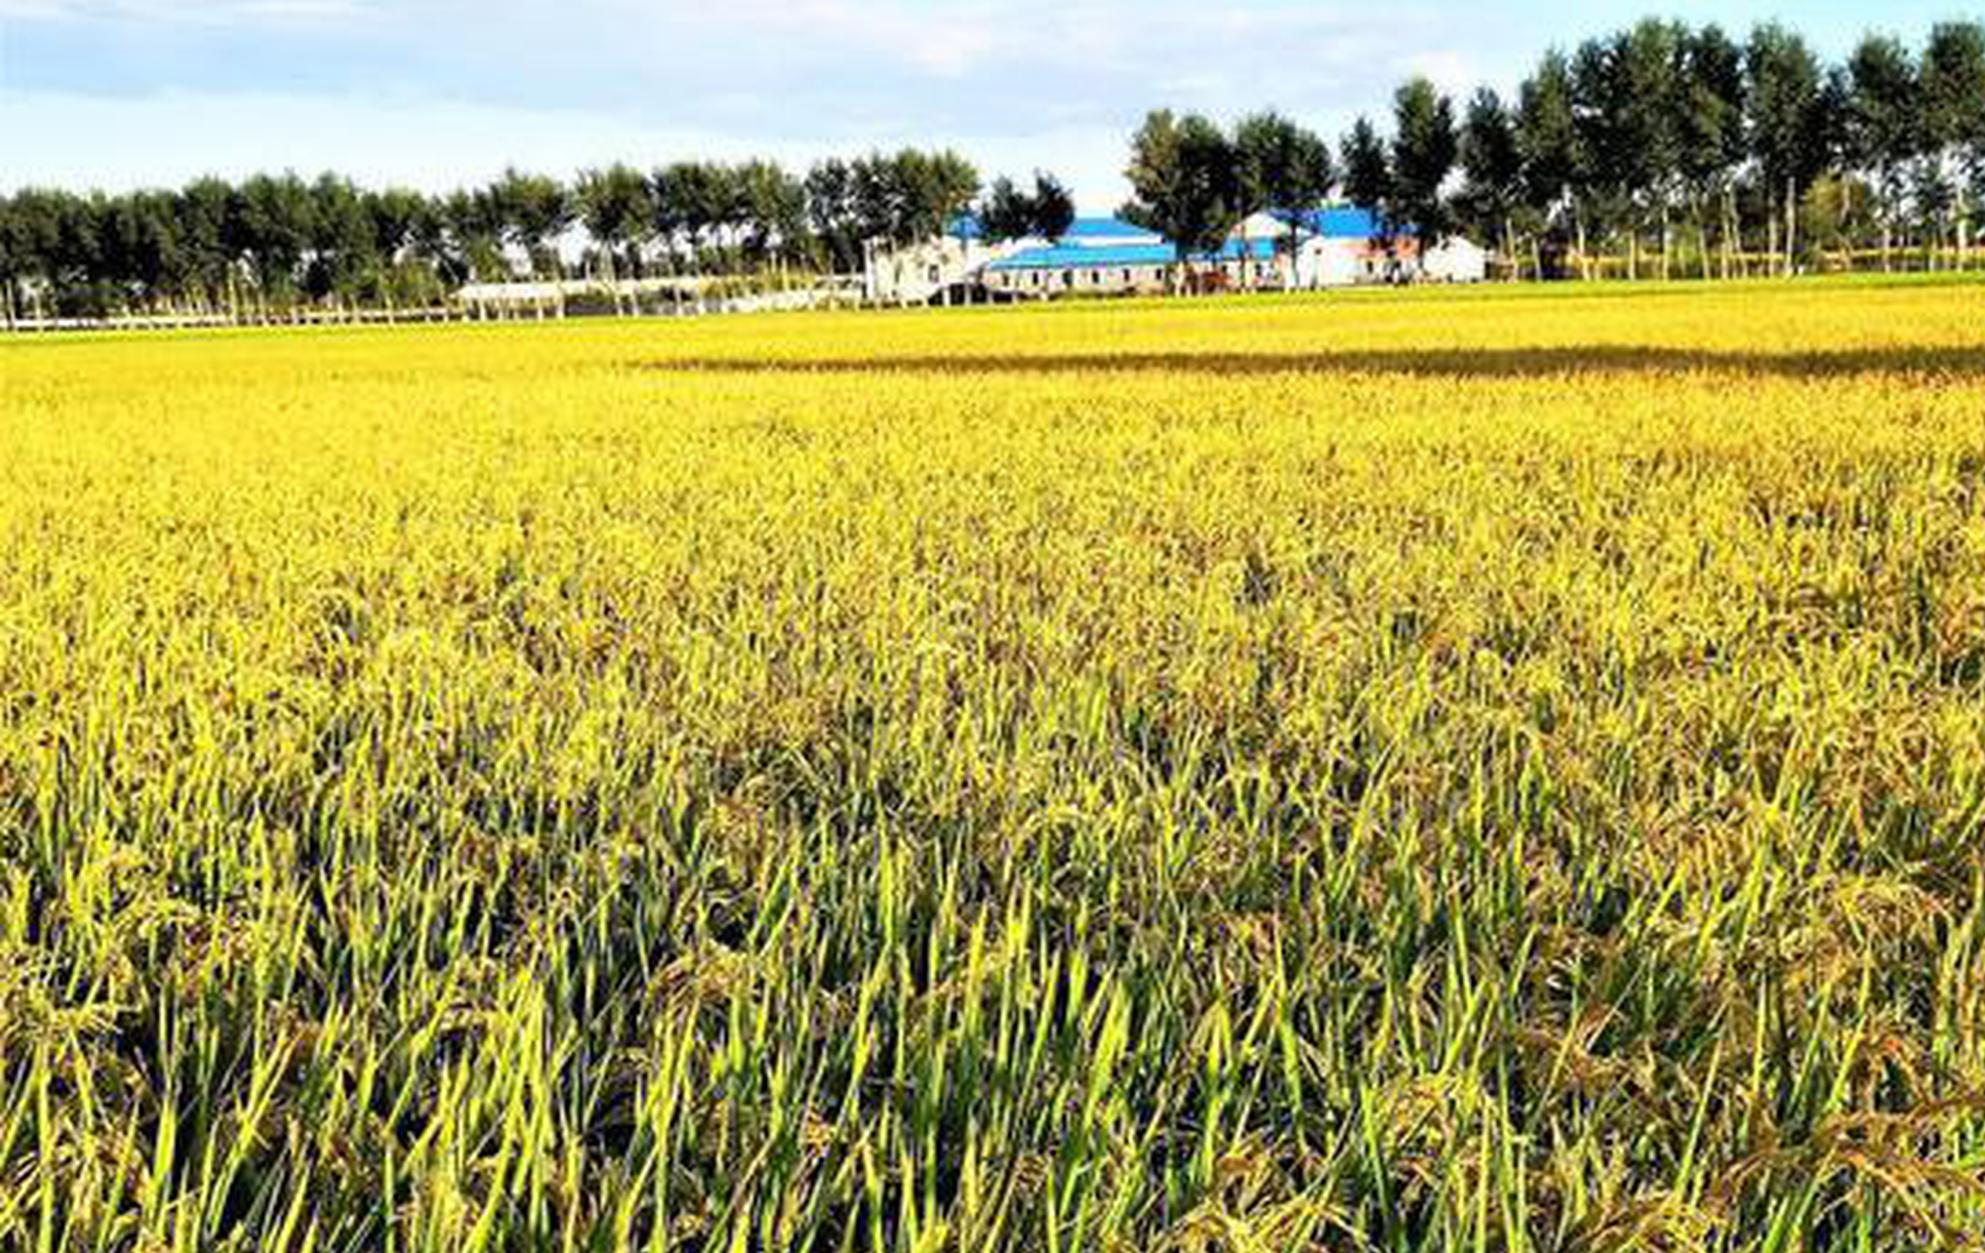 """内蒙古金稻之乡打造乡村振兴样板区:""""稻""""出新经济"""